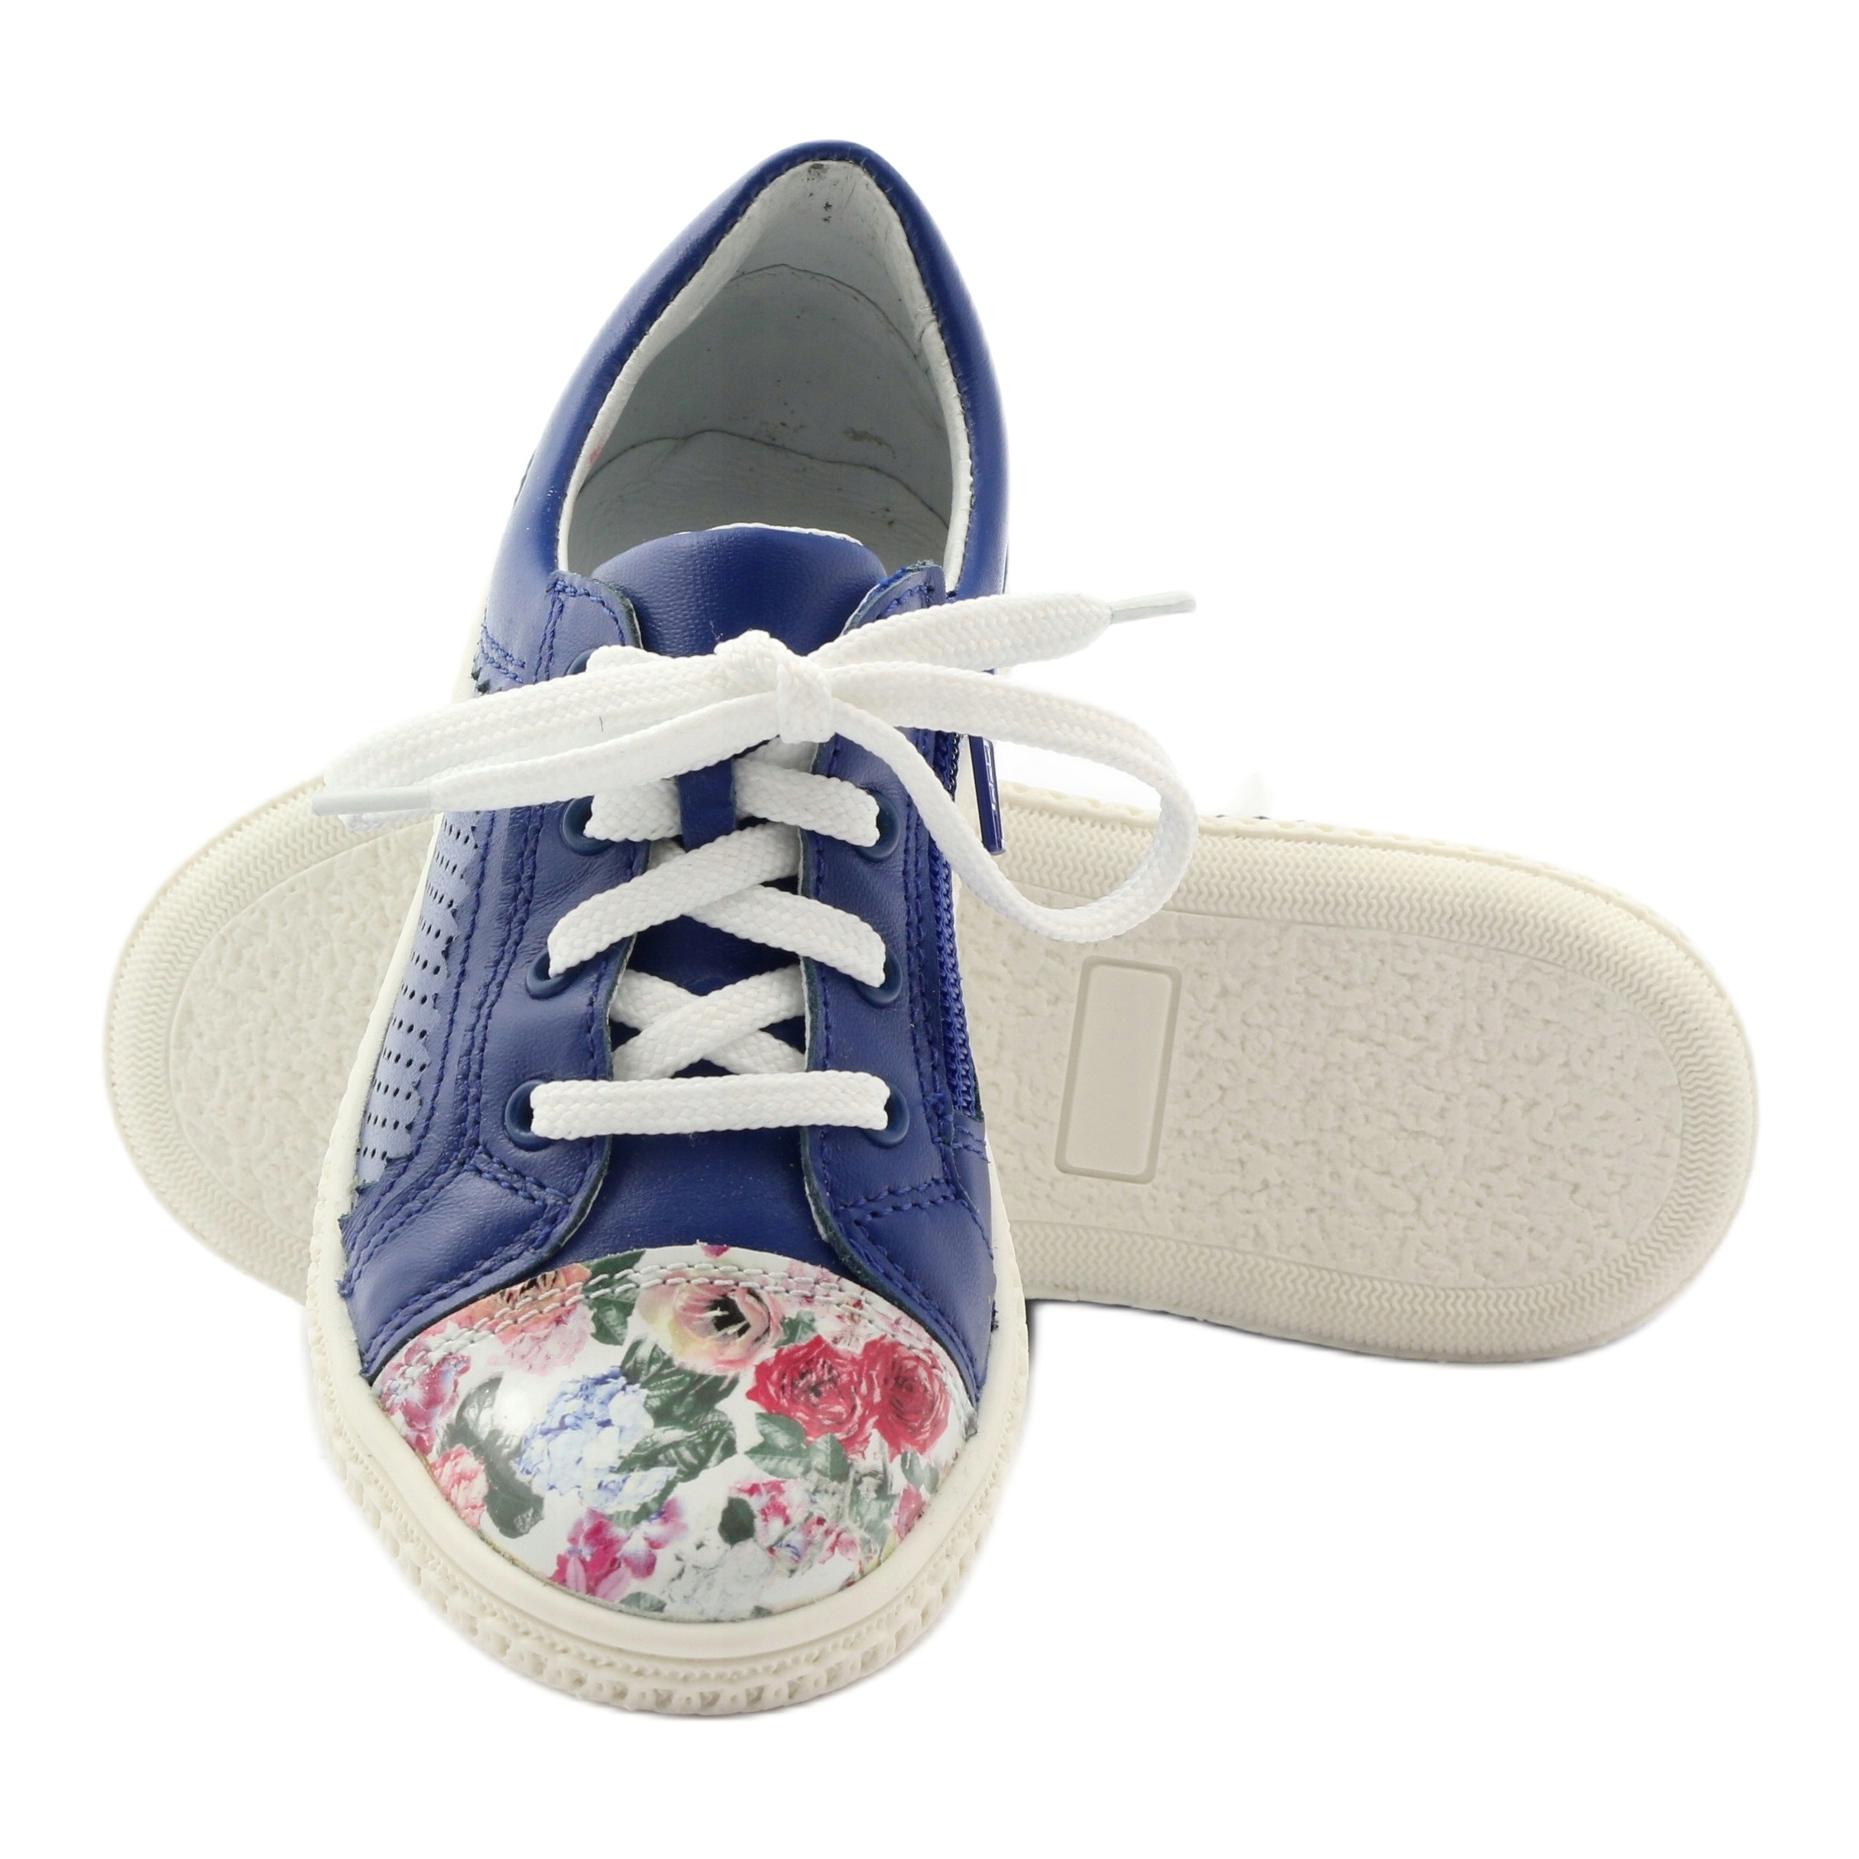 Scarpe-basse-per-bambina-fiori-Bartek-15524-blu-multicolore miniatura 4